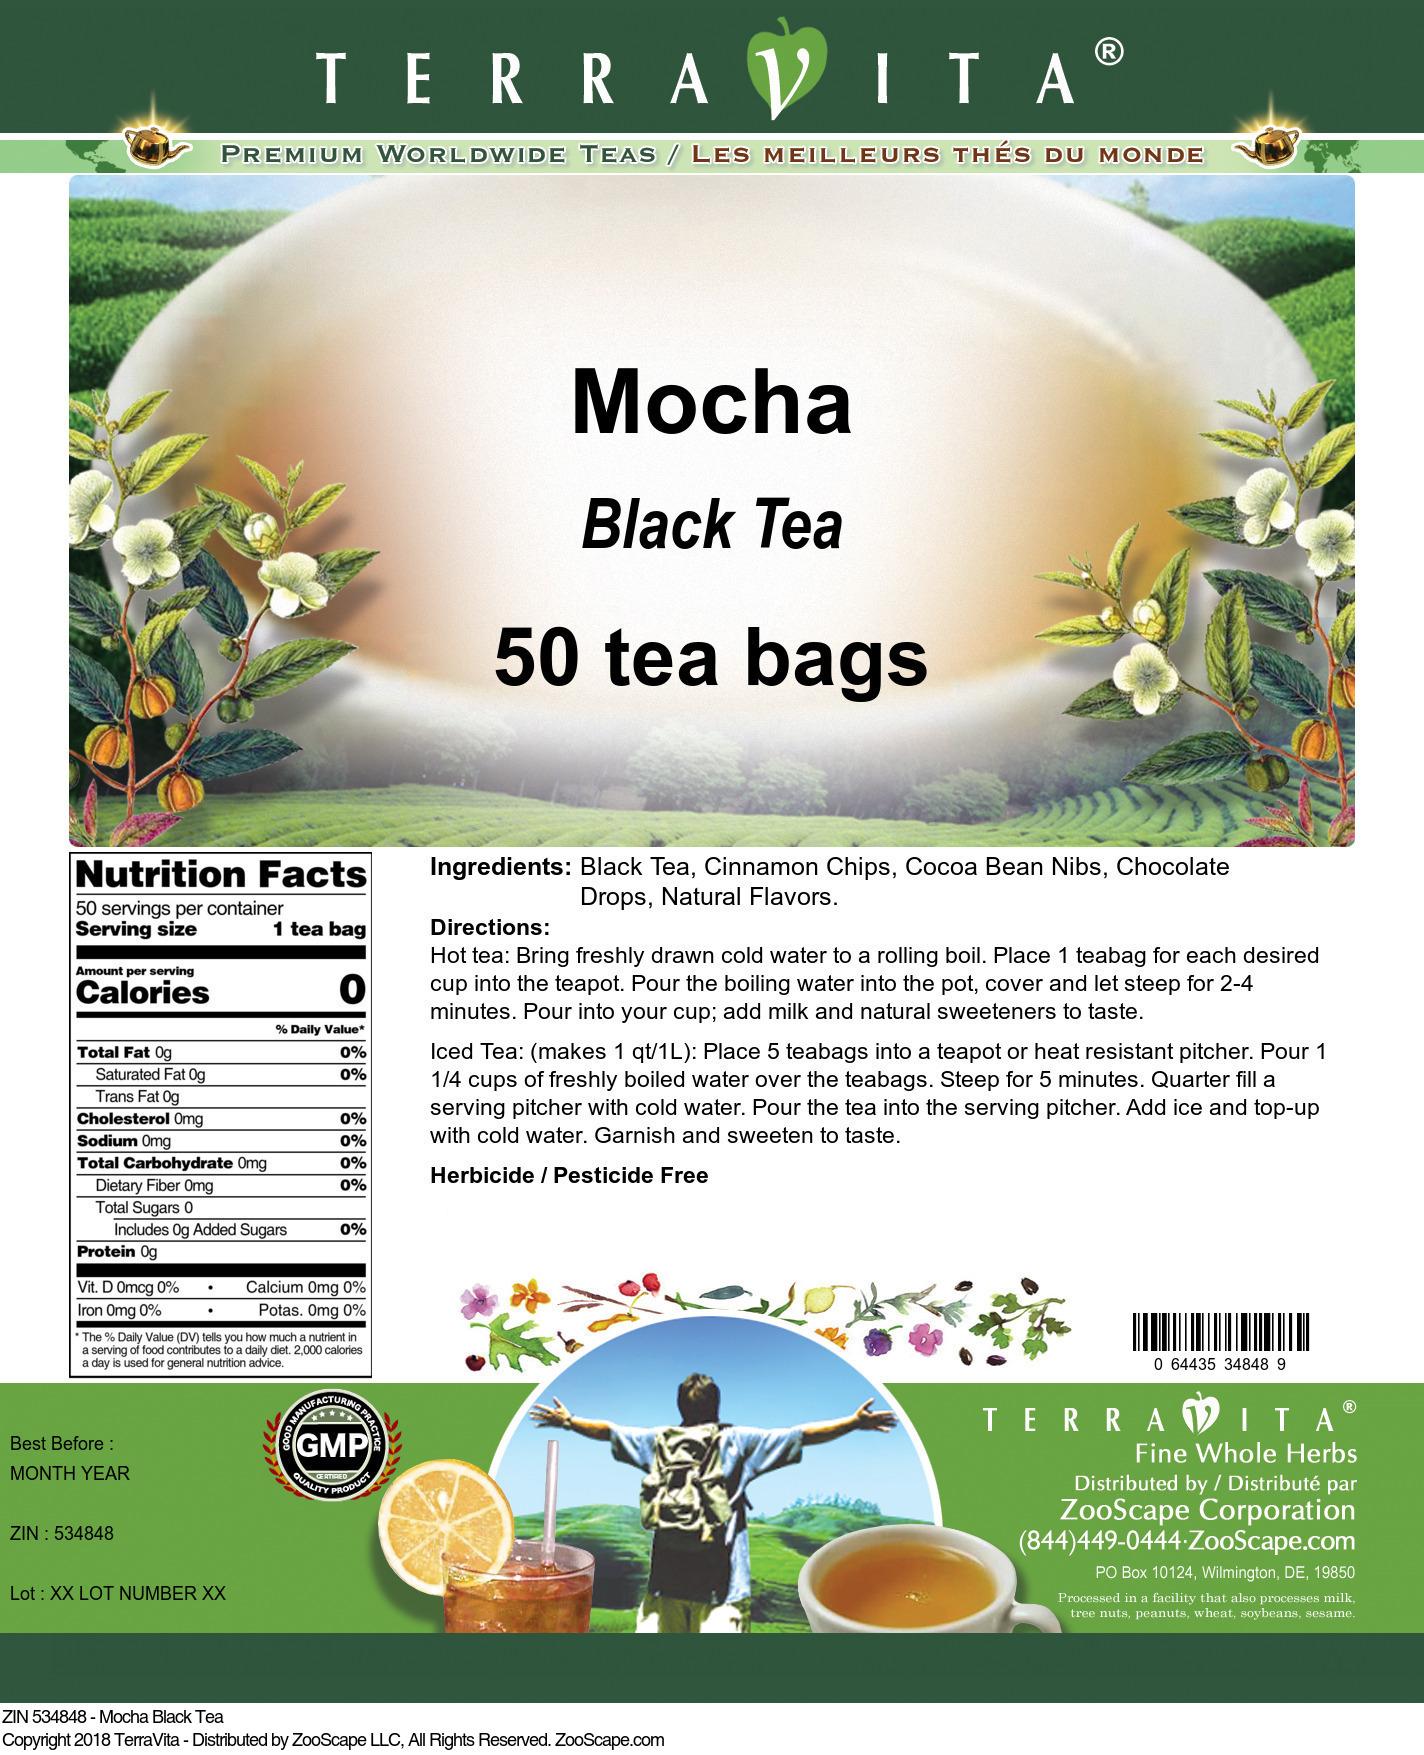 Mocha Black Tea